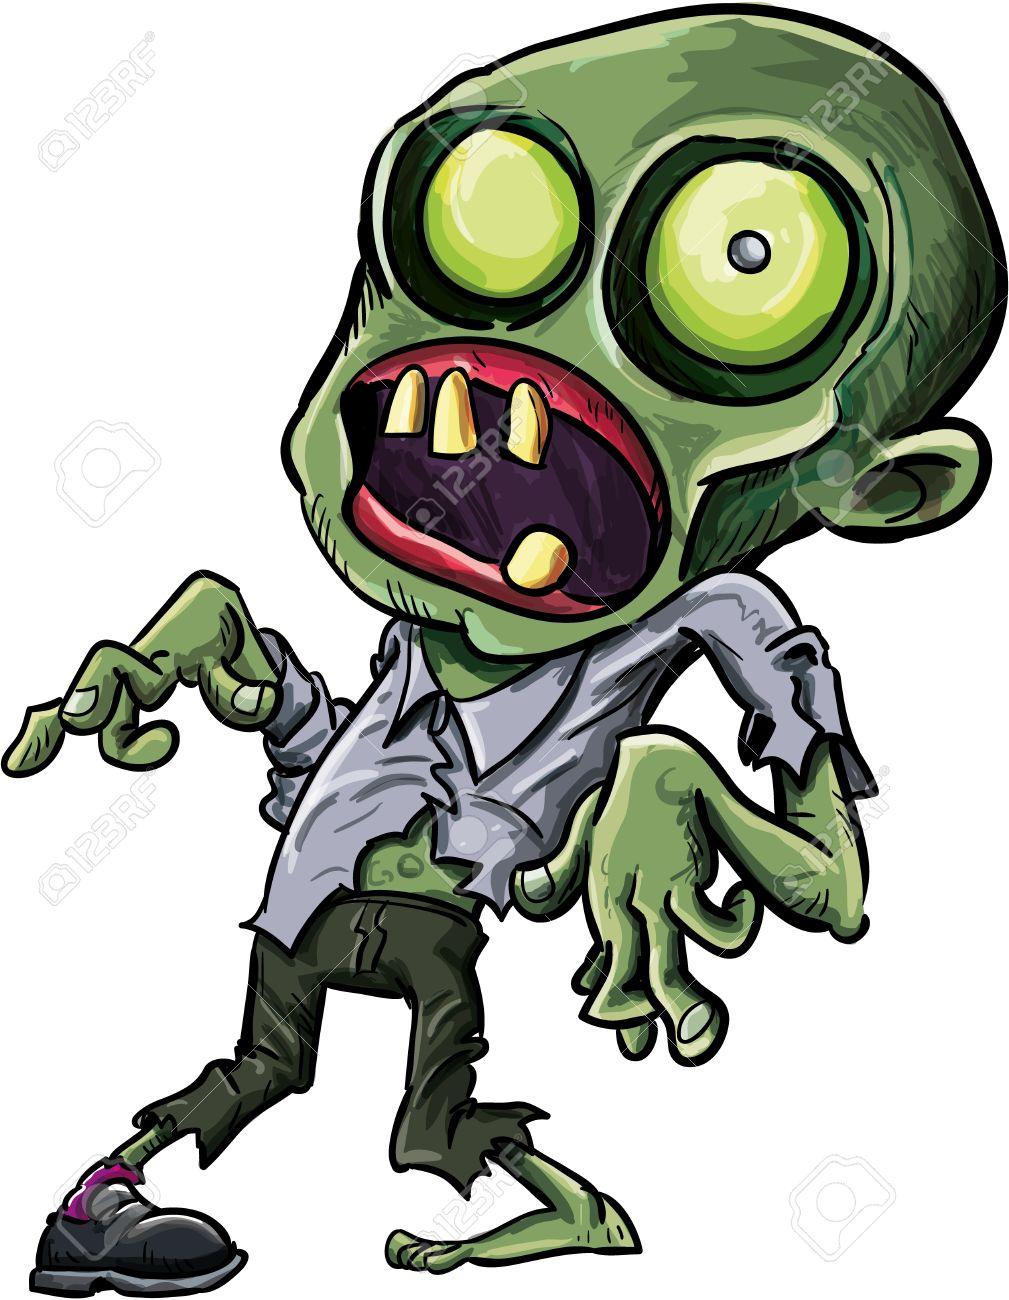 Foto de archivo , Vector ilustraci?n de un zombie de dibujos animados con un ojo verde grotesco, fractura de cr?neo y ropa andrajosa aislados en blanco para